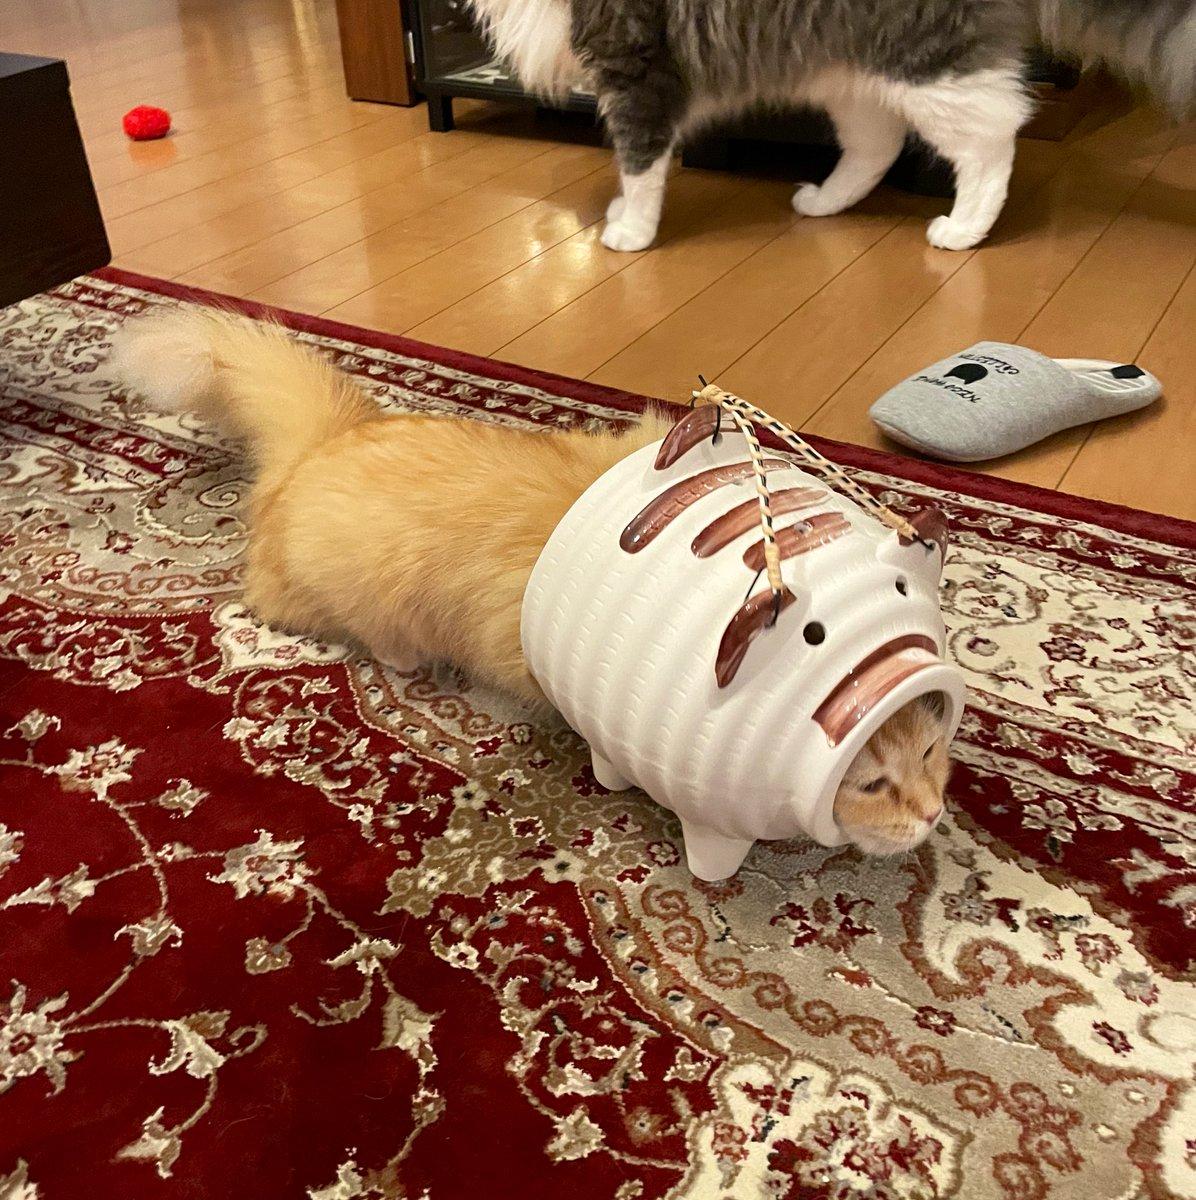 こちらが蚊取りアーマーを装備した猫です(笑)